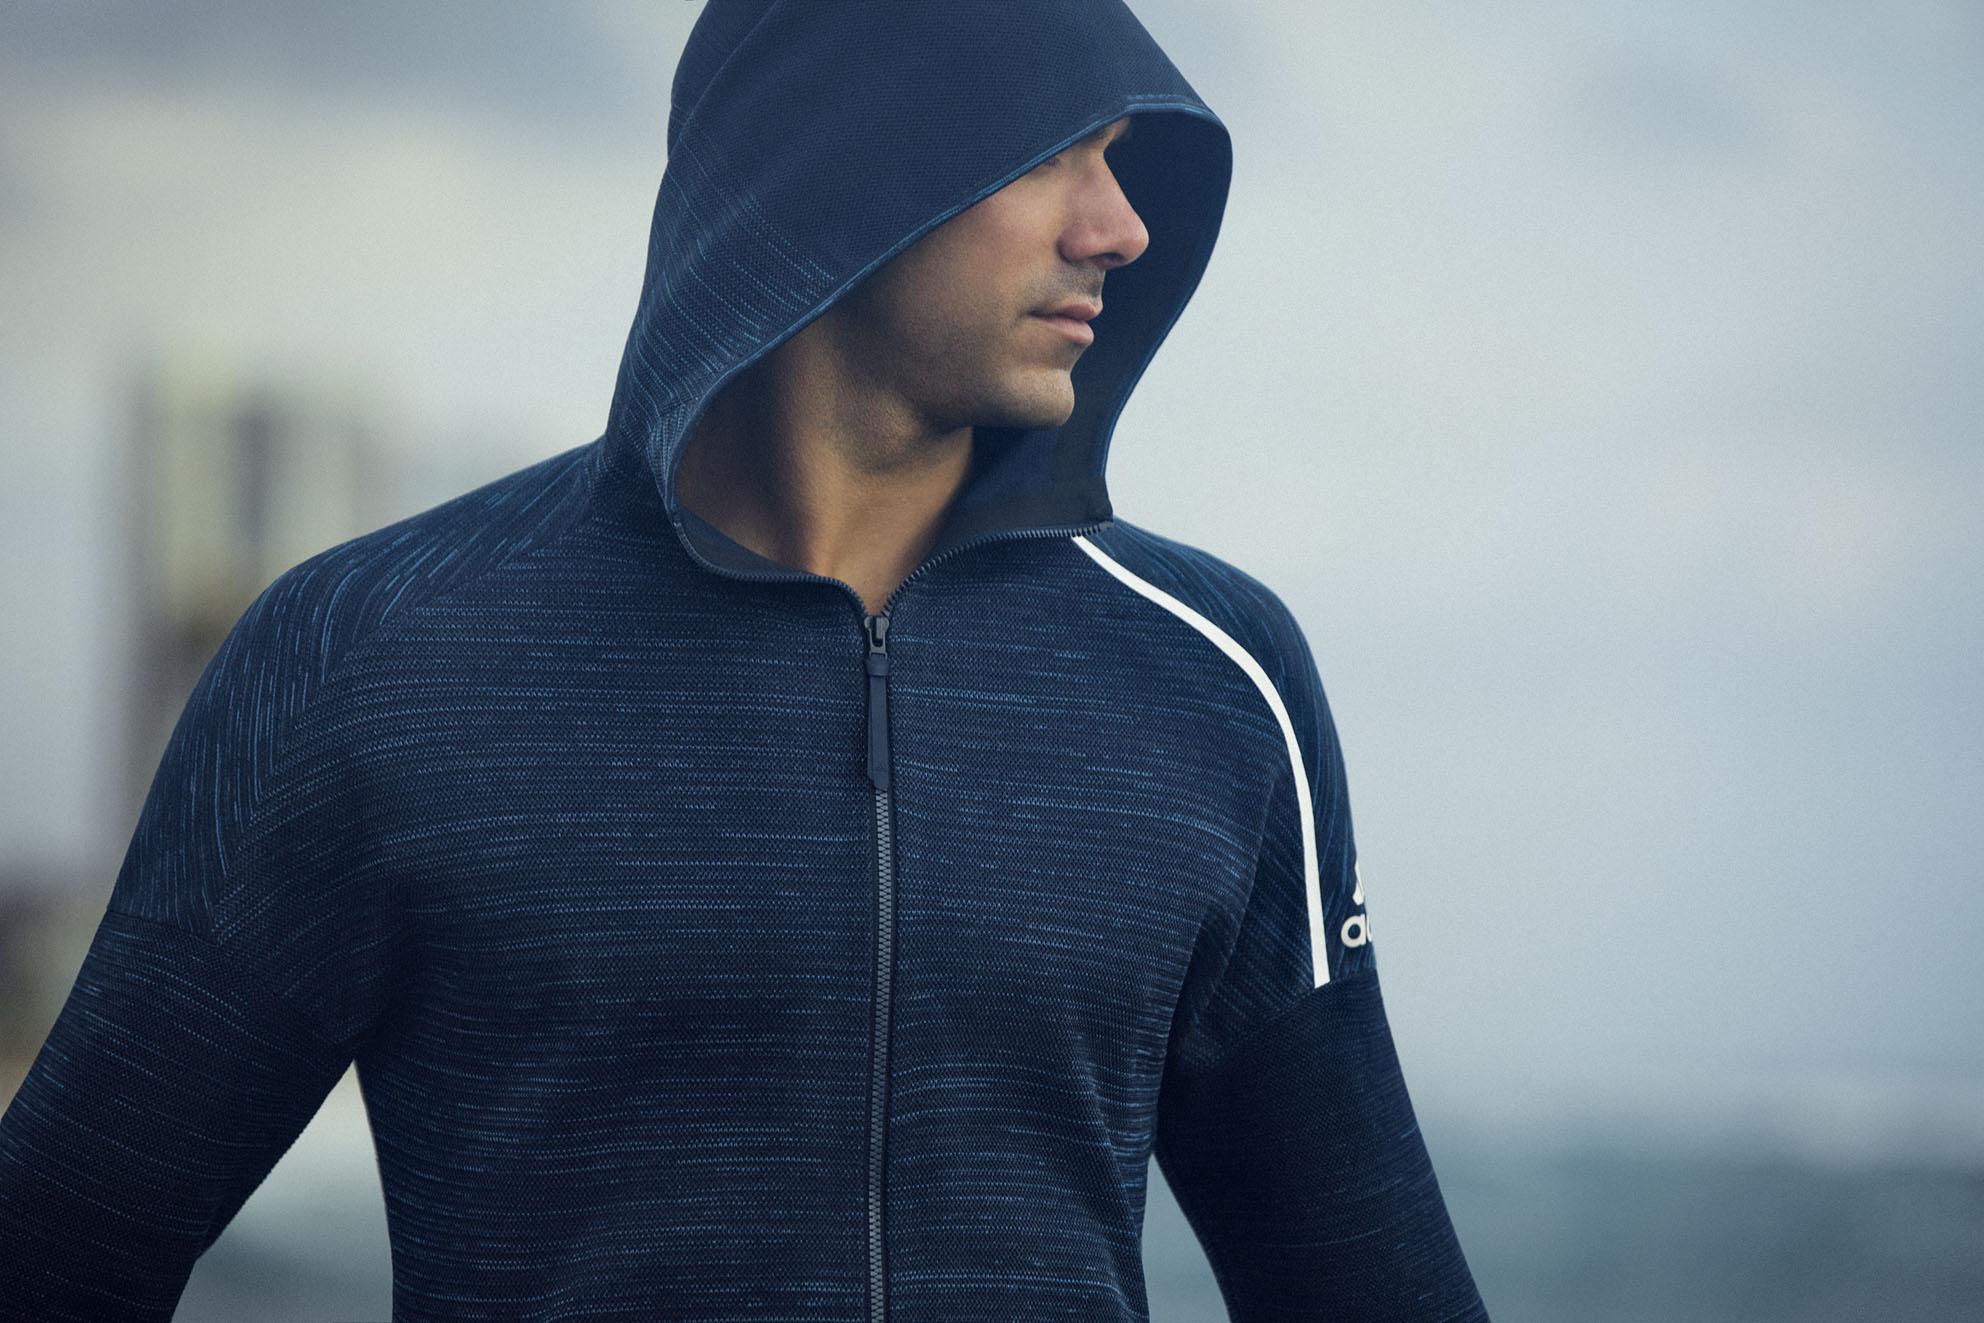 adidas ZNE hoodie parley ocean plastic